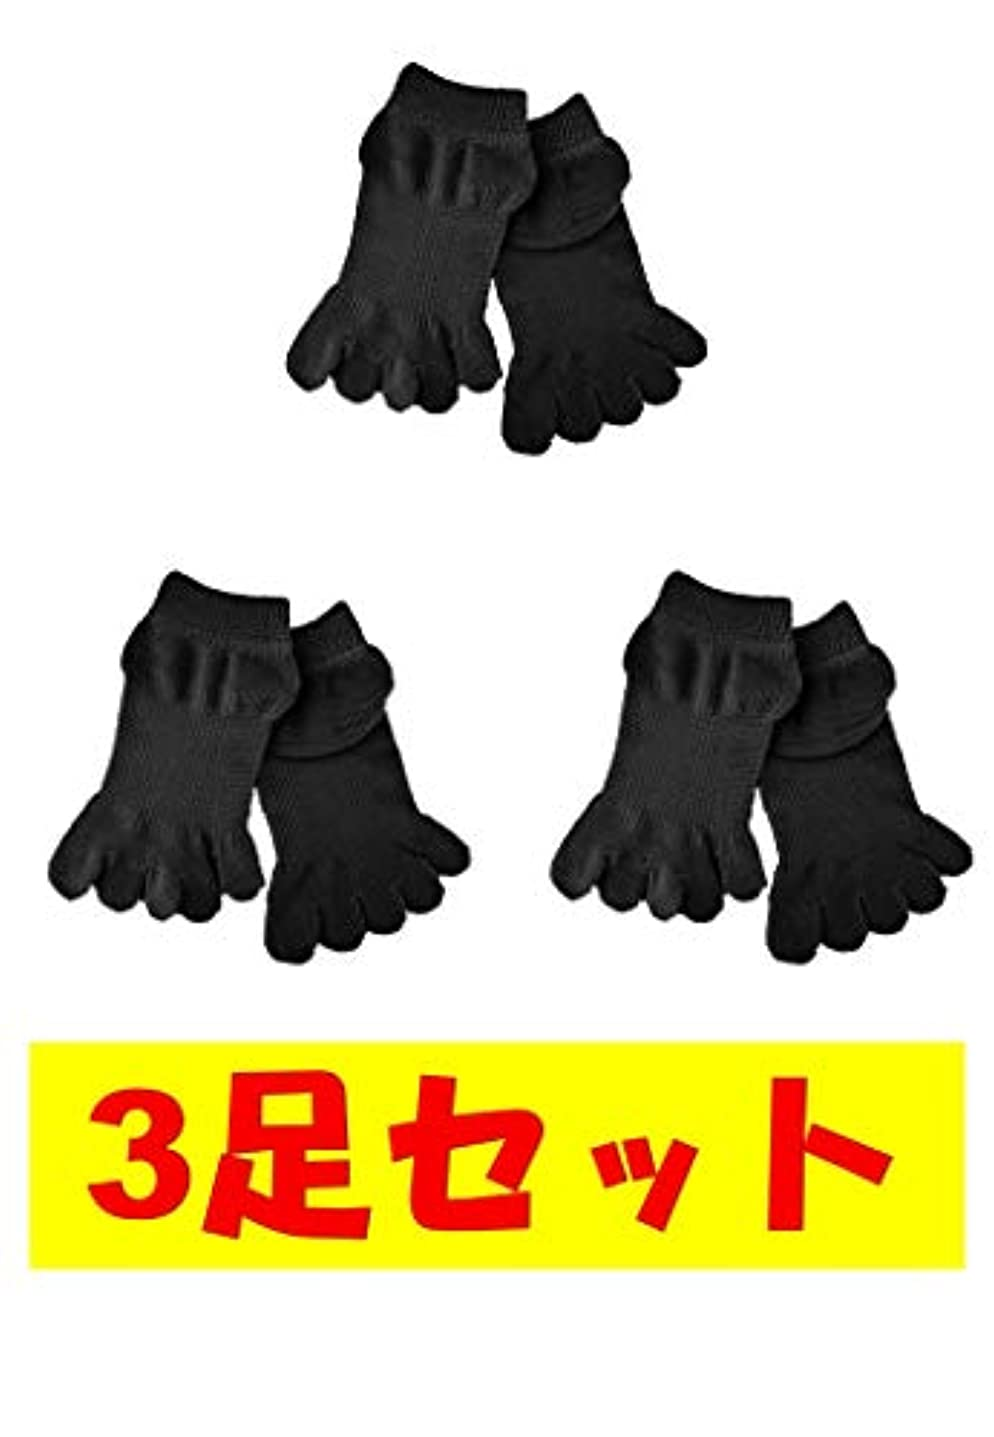 偉業電気的肥沃なお買い得3足セット 5本指 ゆびのばソックス ゆびのば アンクル ブラック Mサイズ 25.0cm-27.5cm YSANKL-BLK